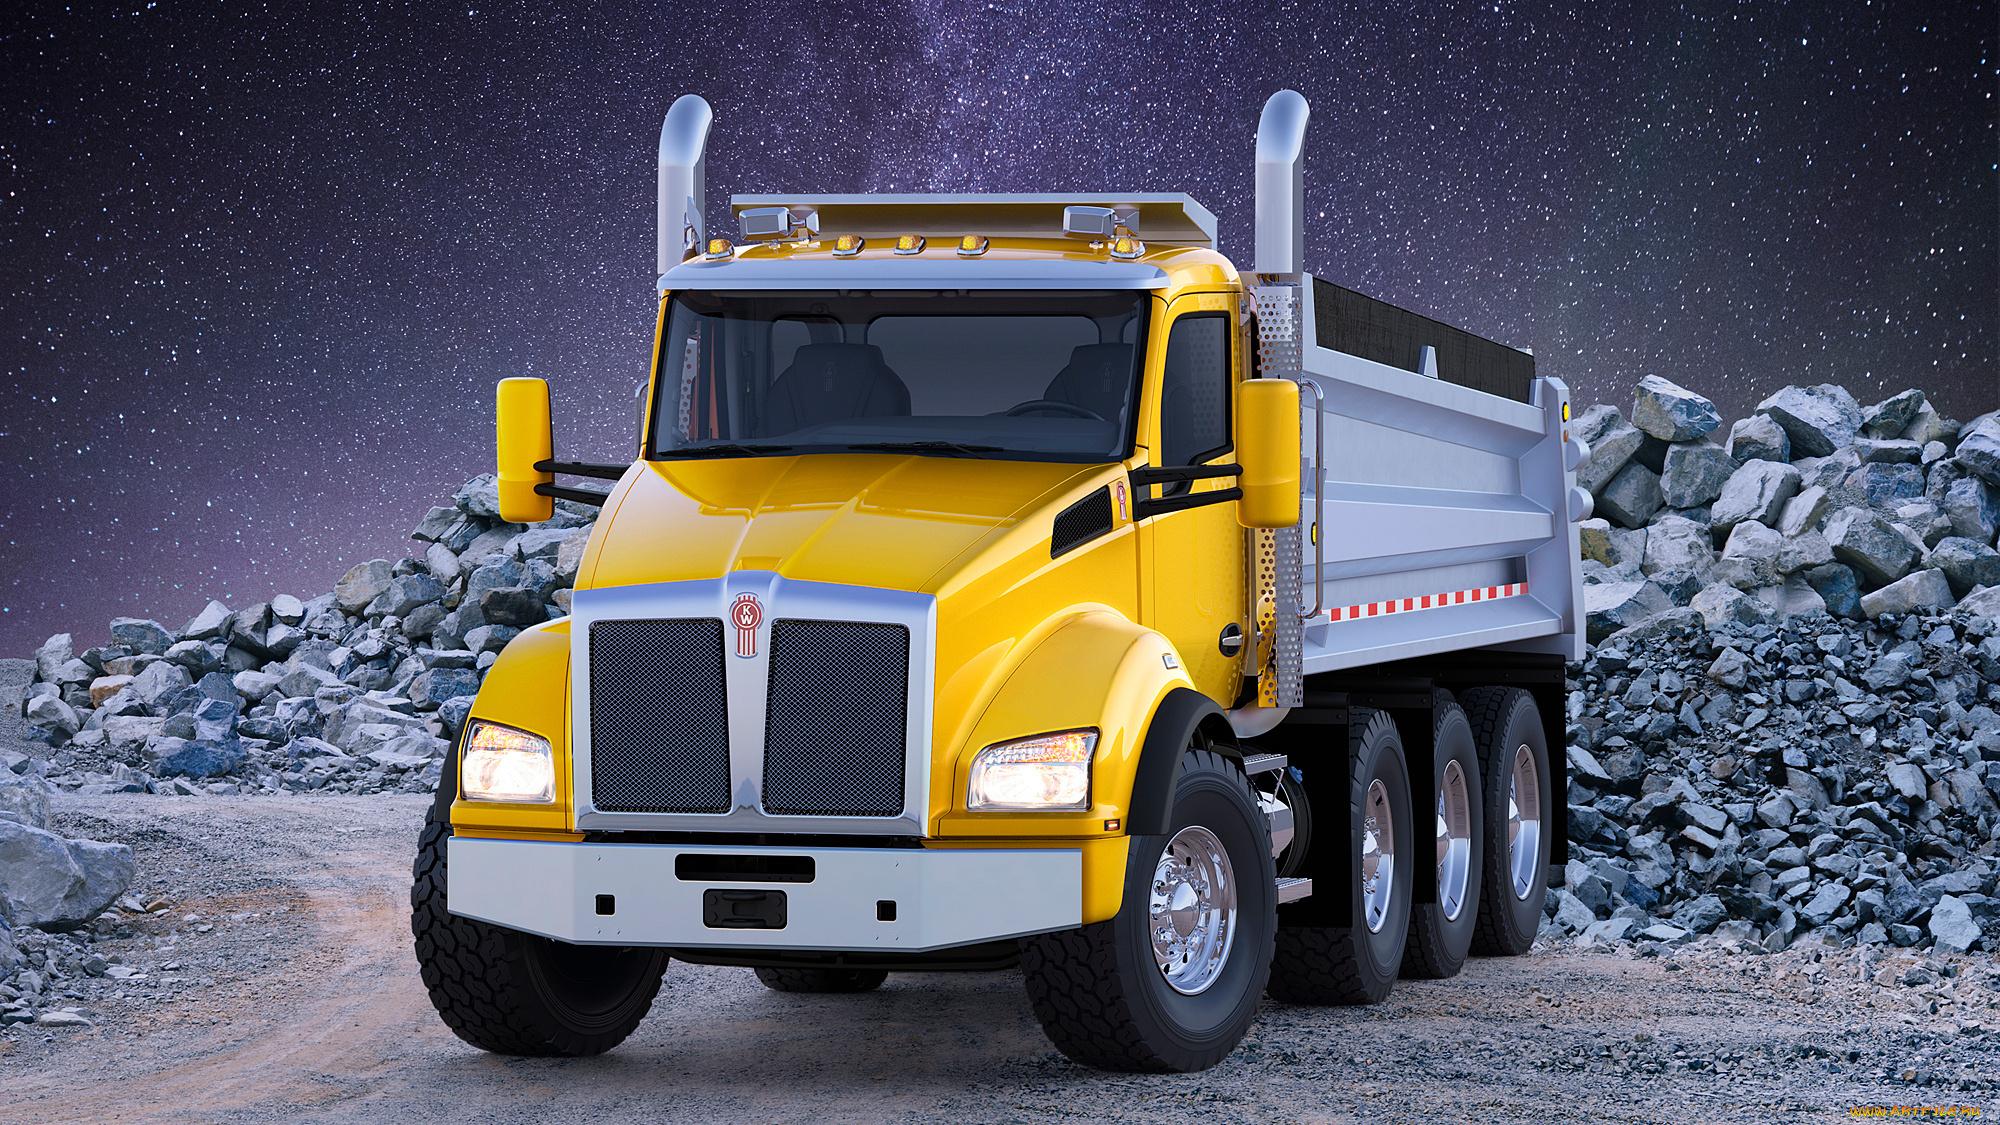 самом картинки про грузовые машины весело